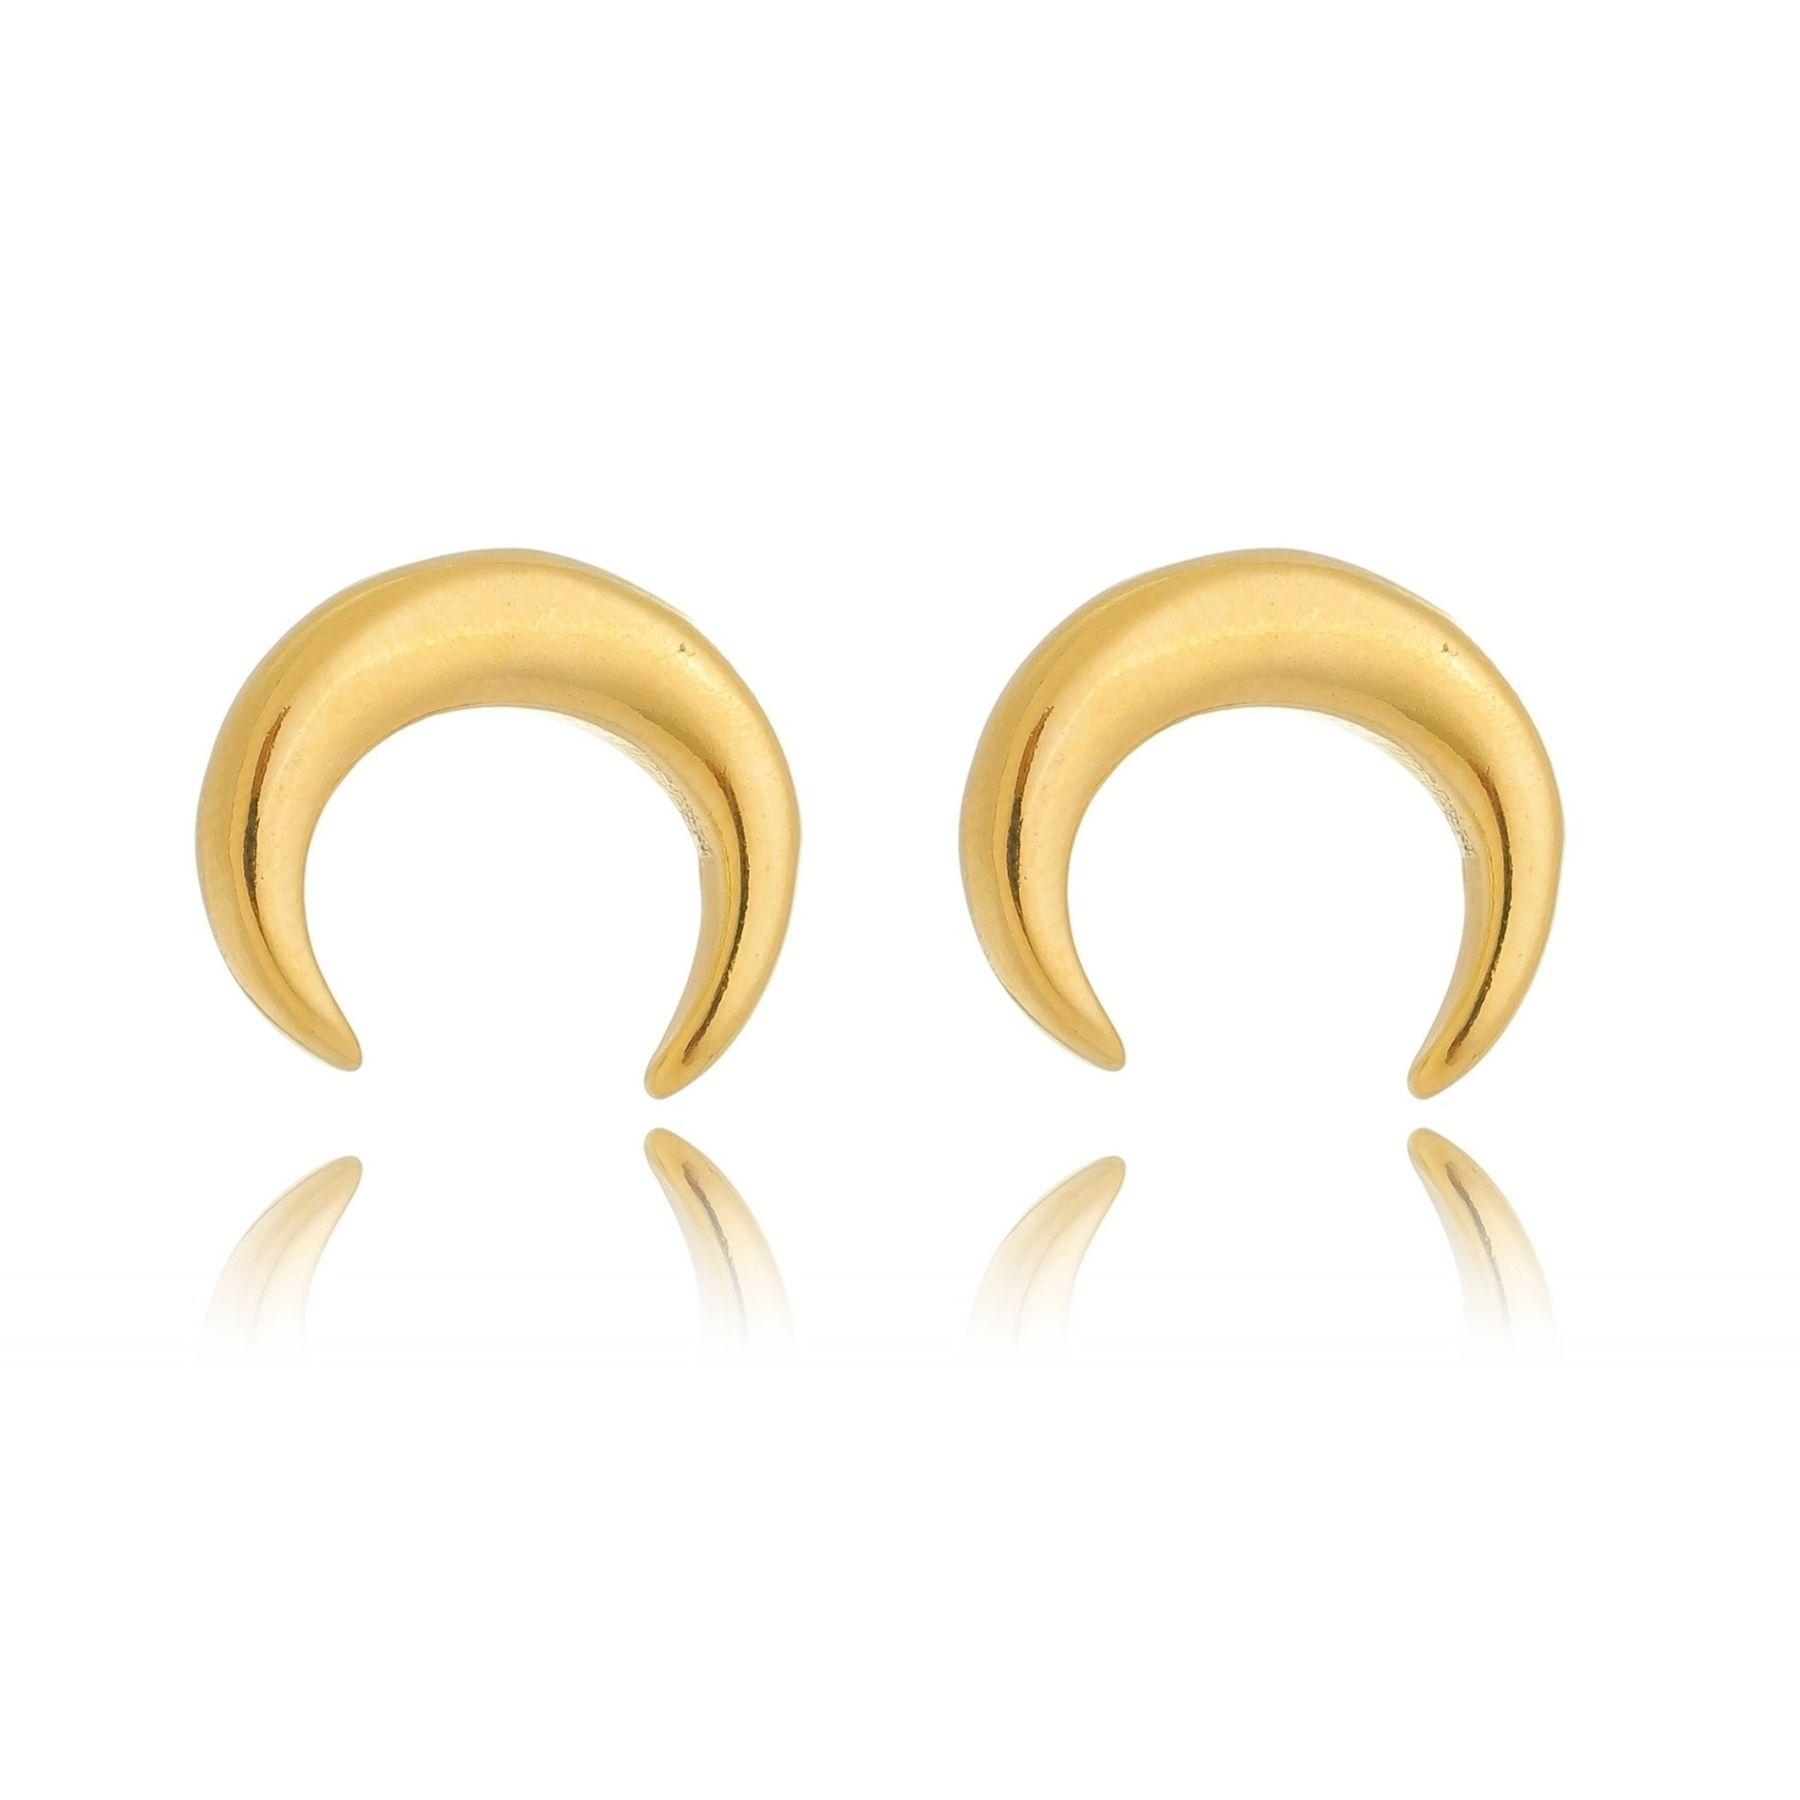 Brinco semi argola com formato de lua crescente banho ouro 18K